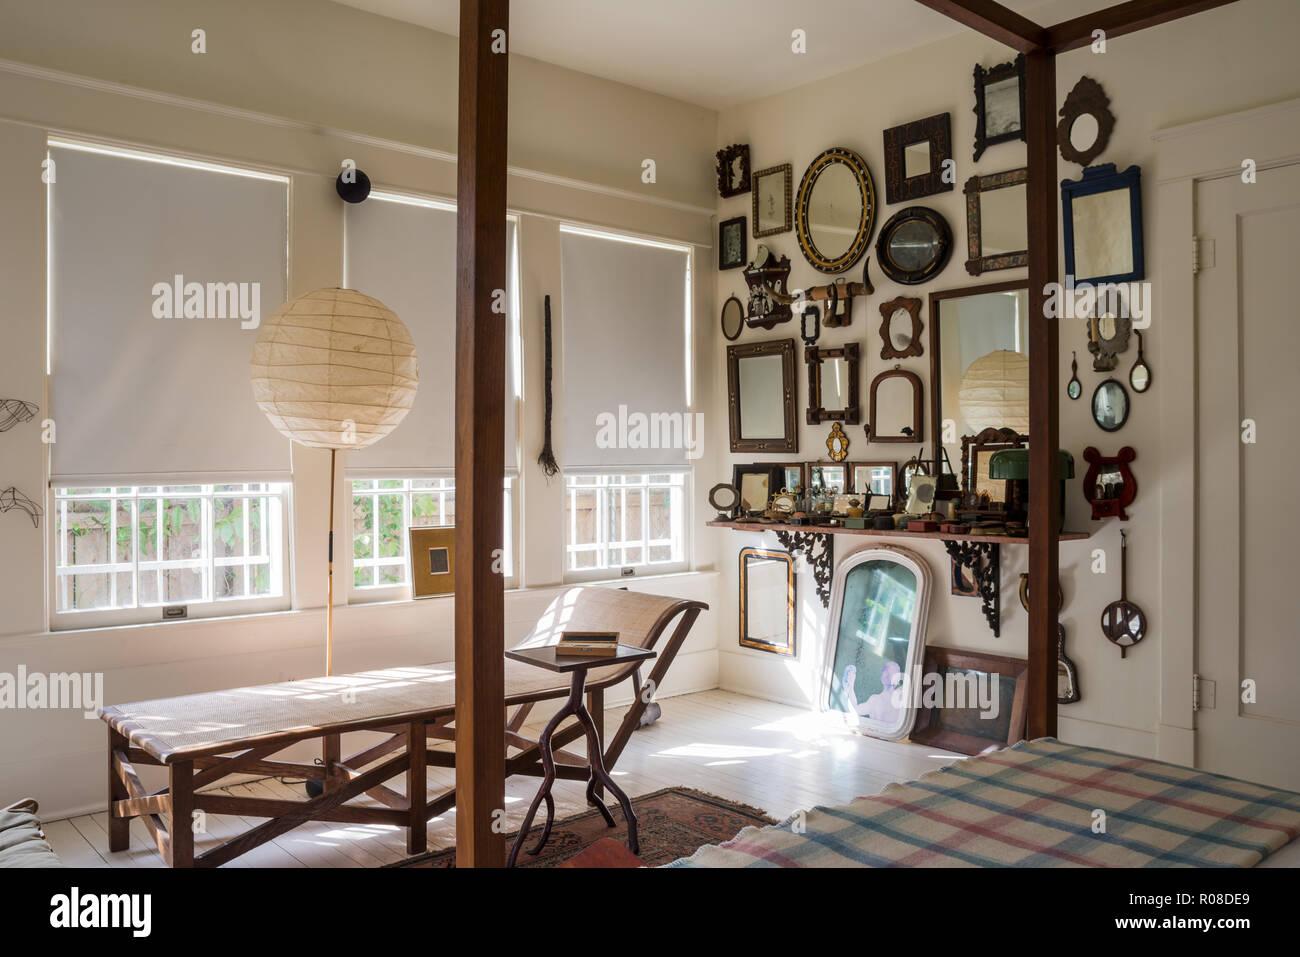 Spiegel Im Schlafzimmer An Der Wand Stockfotografie Alamy